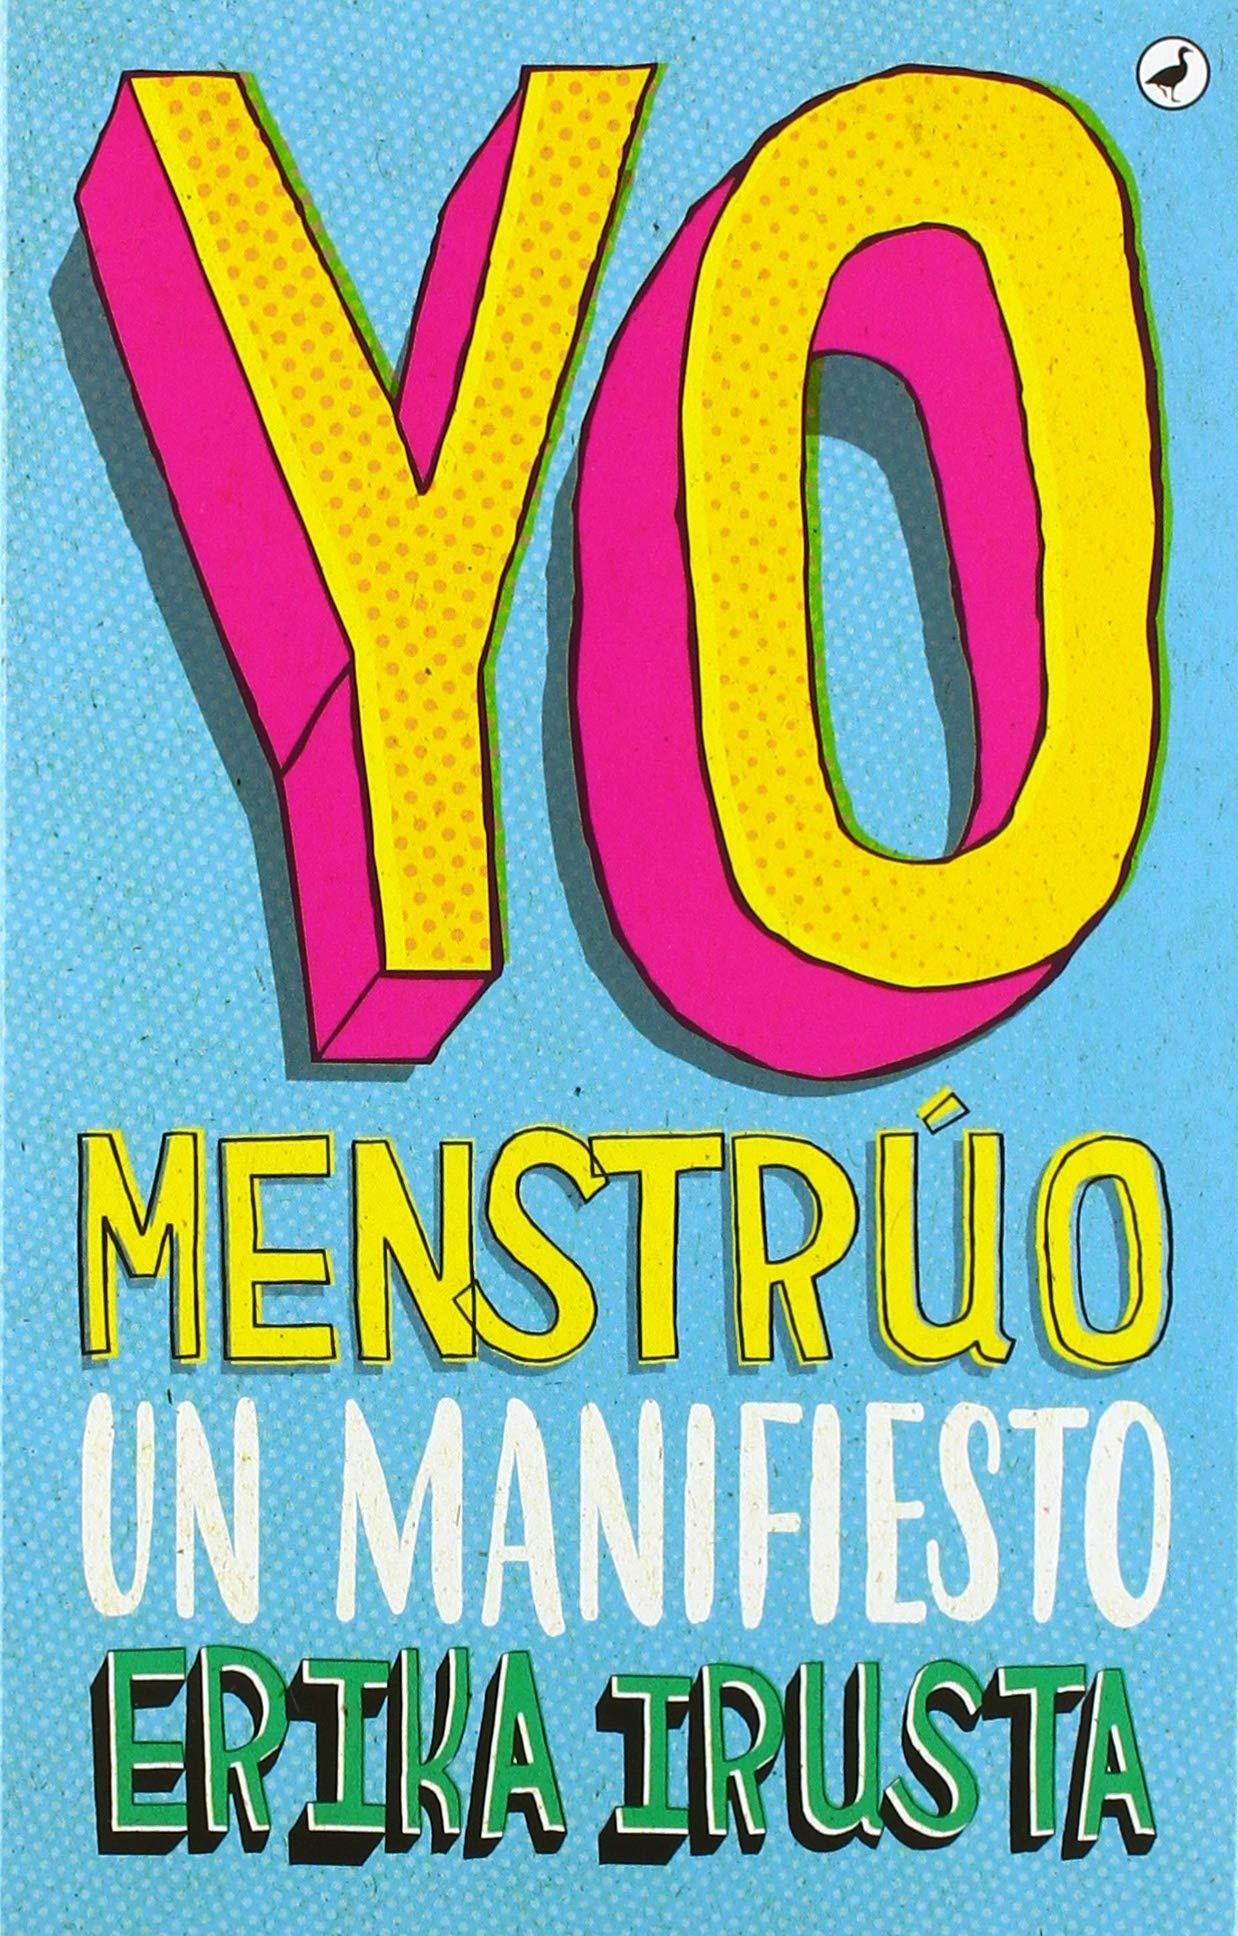 164d52220 Yo Menstrúo: Un manifiesto: Amazon.es: Erika Irusta: Libros